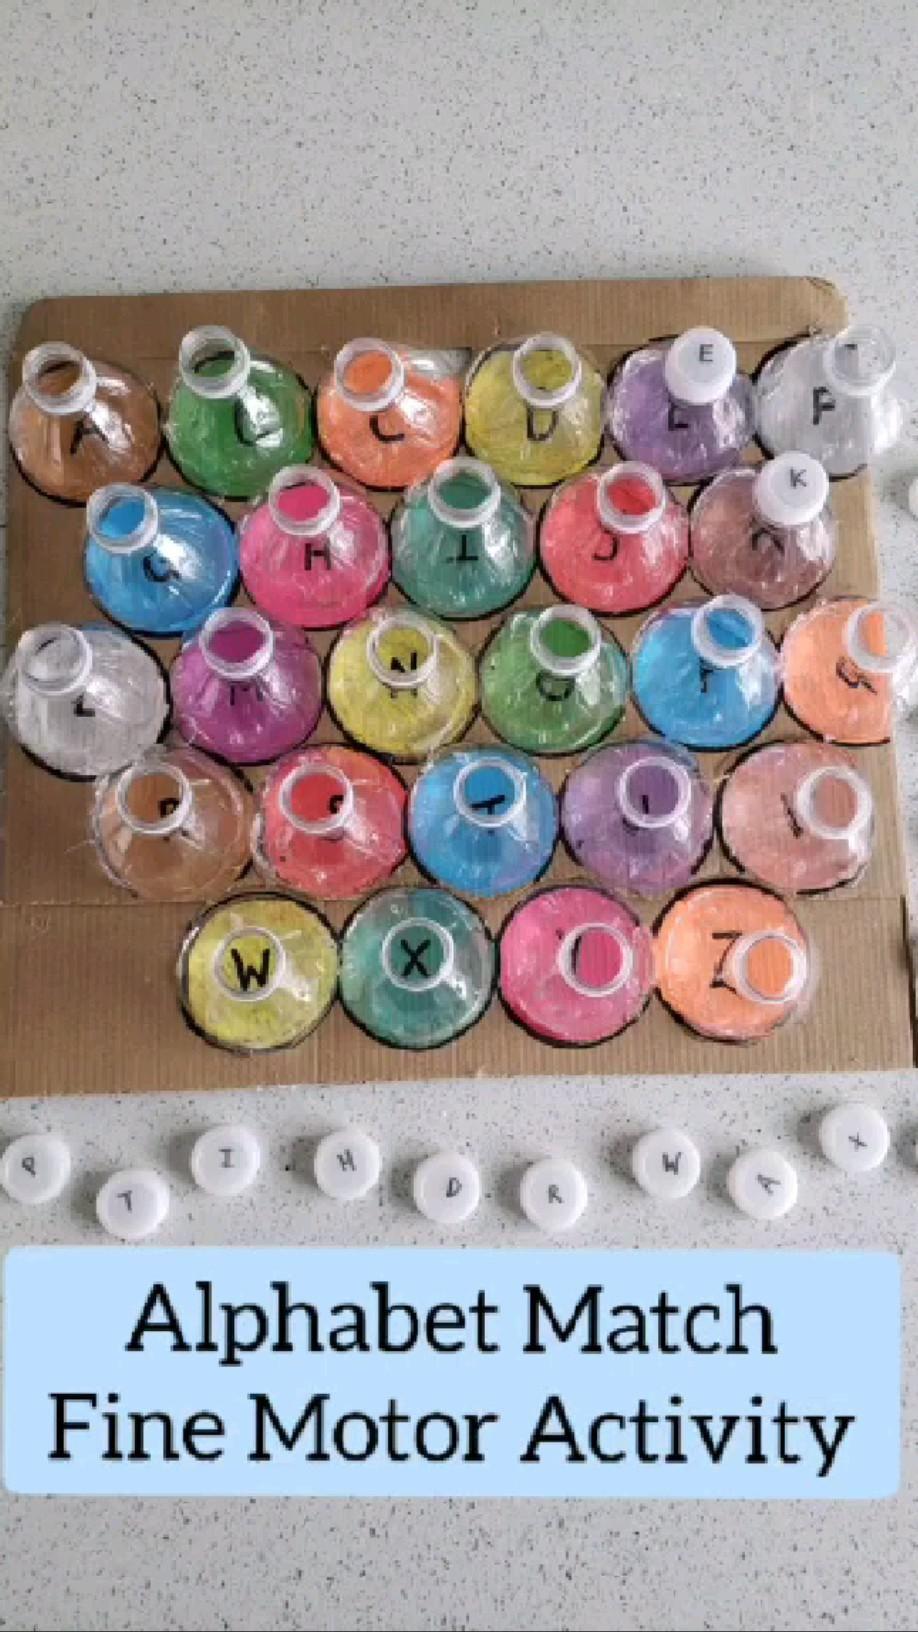 Toddler Activities, DIY Kids Game, Preschool Alphabet Activities #summeractivitiesforkids